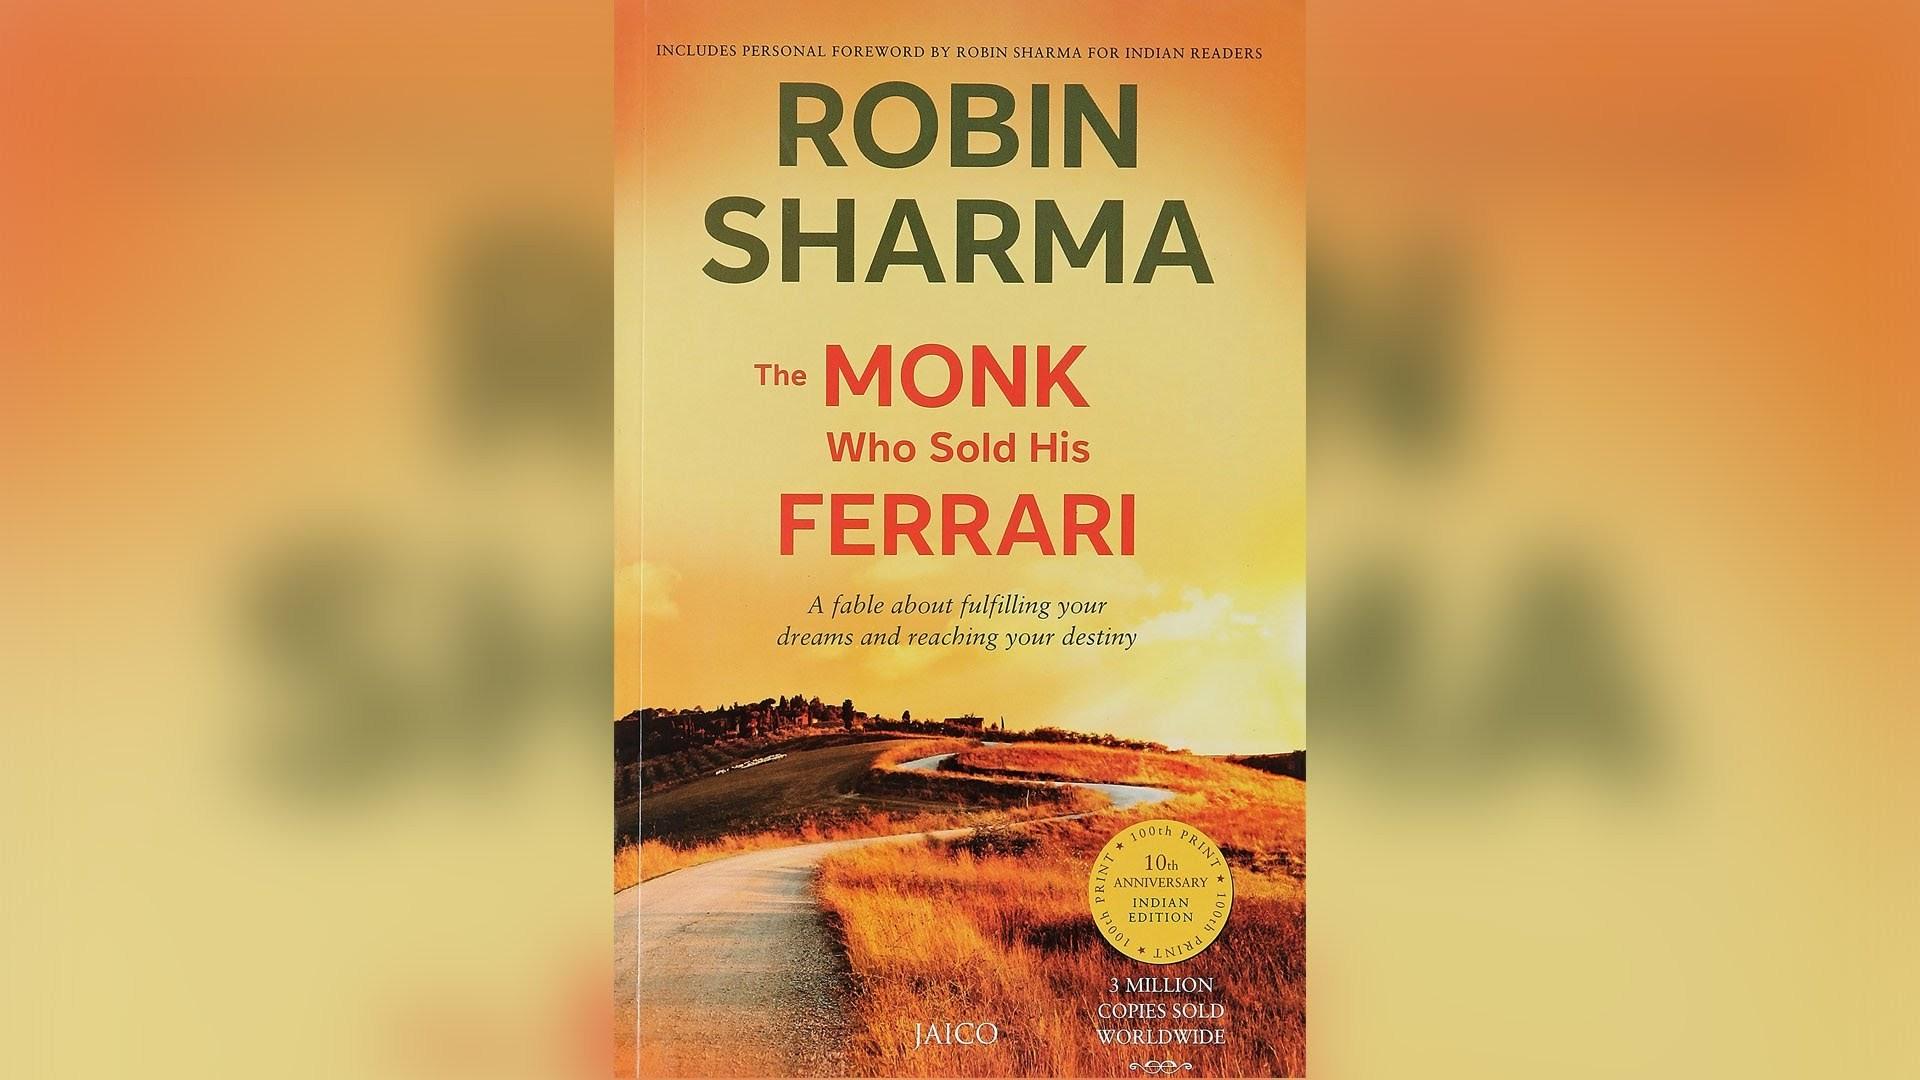 کتاب راهبی که فراریاش را فروخت اثر رابین شارما